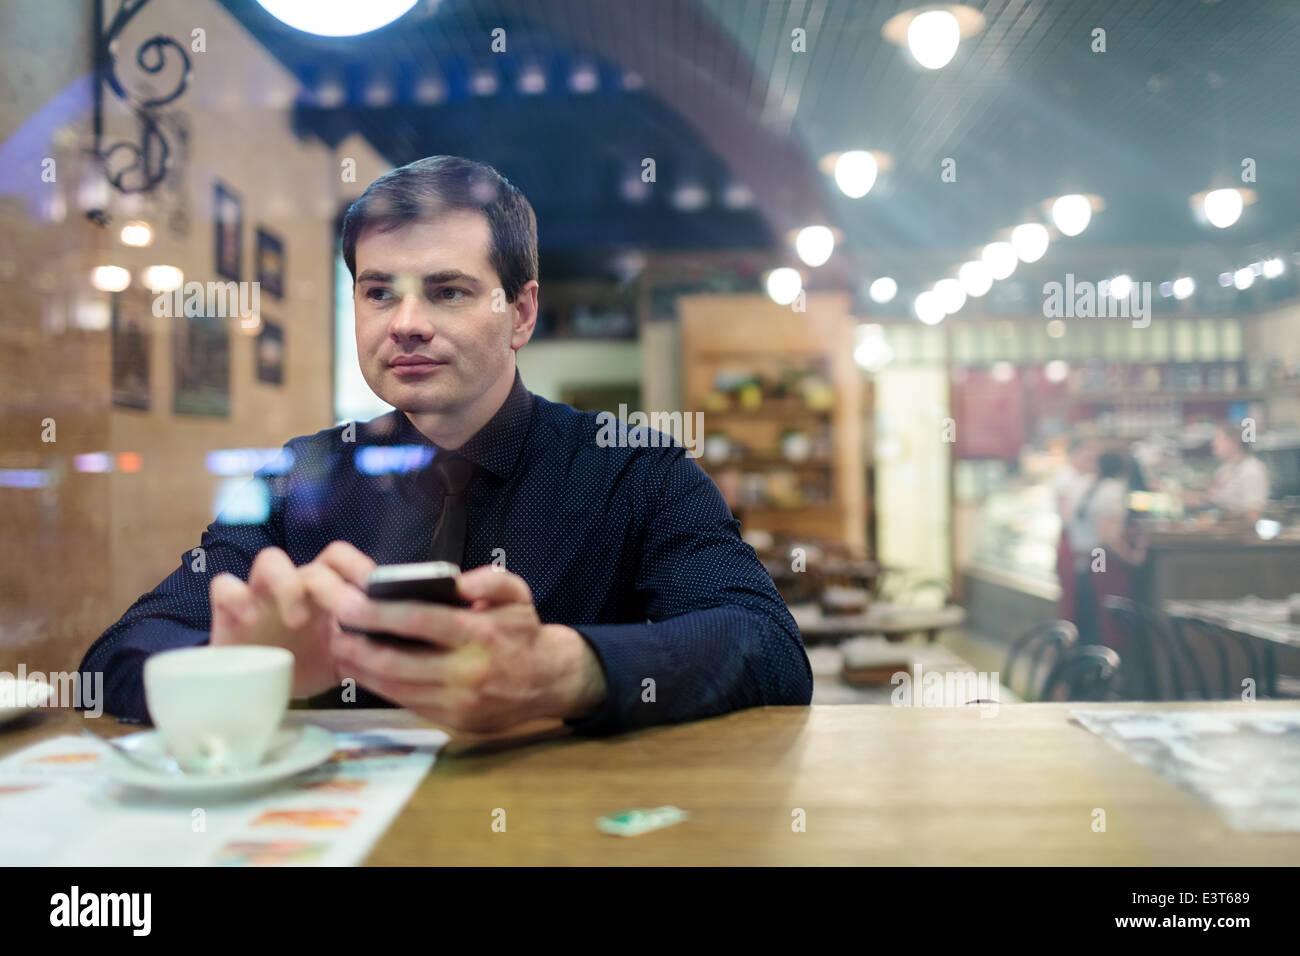 L'homme à la table texting Photo Stock